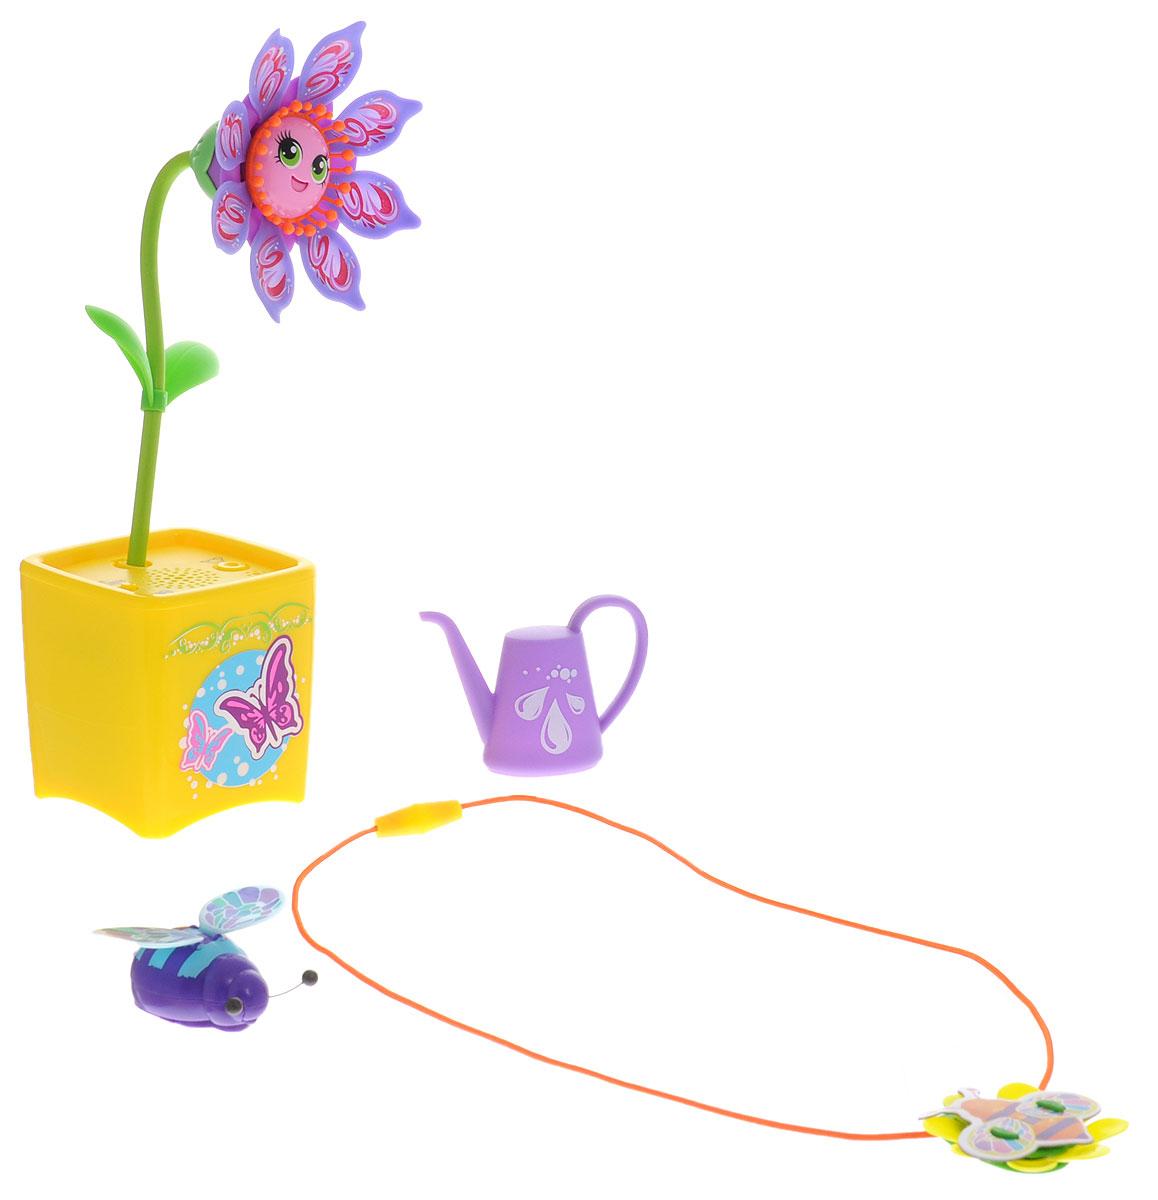 Magic Blooms Интерактивная игрушка Волшебный цветок с ожерельем и волшебным жучком88446Интерактивная игрушка Magic Blooms Волшебный цветок с ожерельем и волшебным жучком станет отличным подарком для каждой девочки! Интерактивный цветок может петь и танцевать, двигаться в такт мелодии. Цветочек реагирует на прикосновения и голос. Имеет функцию повтора слов. Цветочек может быть дополнен забавными жучками, что расширяет функционал. Необходимо дотронуться до антенны жучка (в виде усиков), чтобы услышать жужжание и увидеть, как жучок машет крыльями. Пение жучка сопровождается световыми эффектами. Соединив несколько цветов, можно устроить цветочный хор. Цветочки могут раскачиваться, а также двигать лепестками и открывать рот. В набор входят цветочек, лейка, жучок и ожерелье. Для работы цветочка рекомендуется докупить 3 батарейки типа AAA (комплектуется демонстрационными). Для работы жучка рекомендуется докупить 2 батарейки типа LR44 (комплектуется демонстрационными).